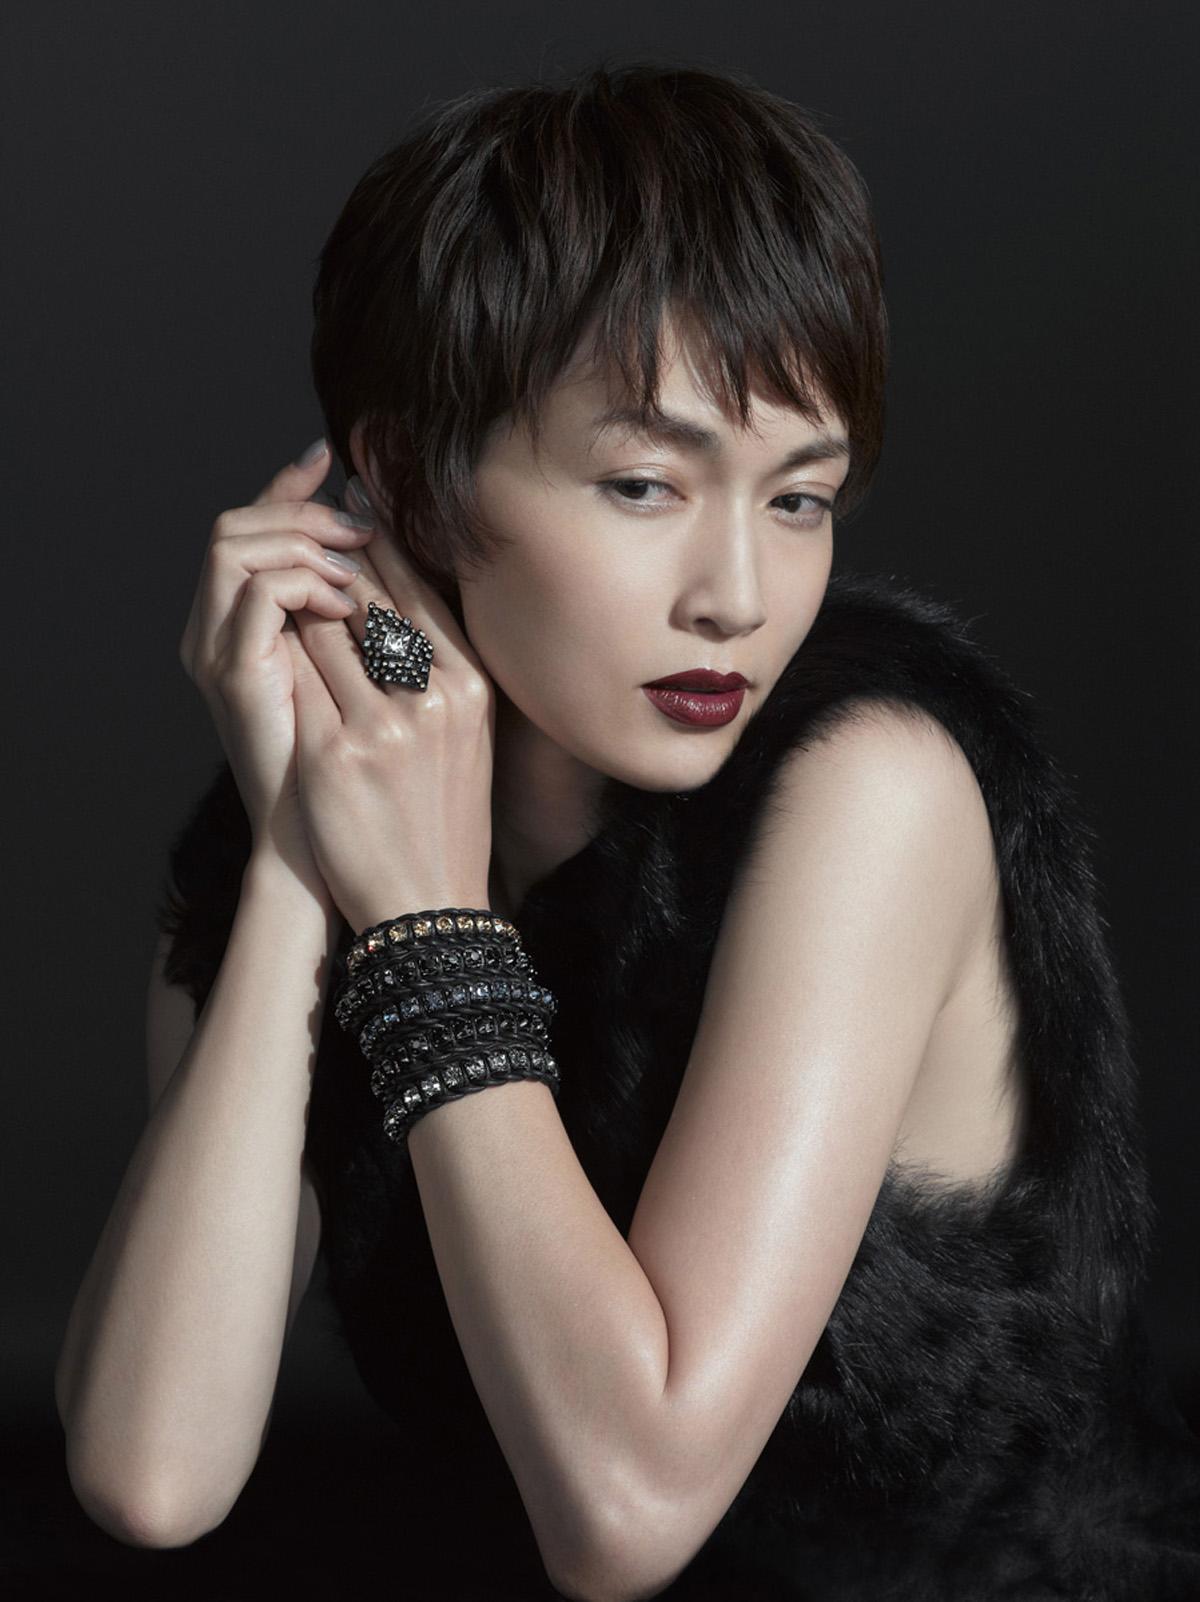 【長谷川京子】前髪が印象的すぎ!?個性的なヘアスタイルは人気!?のサムネイル画像